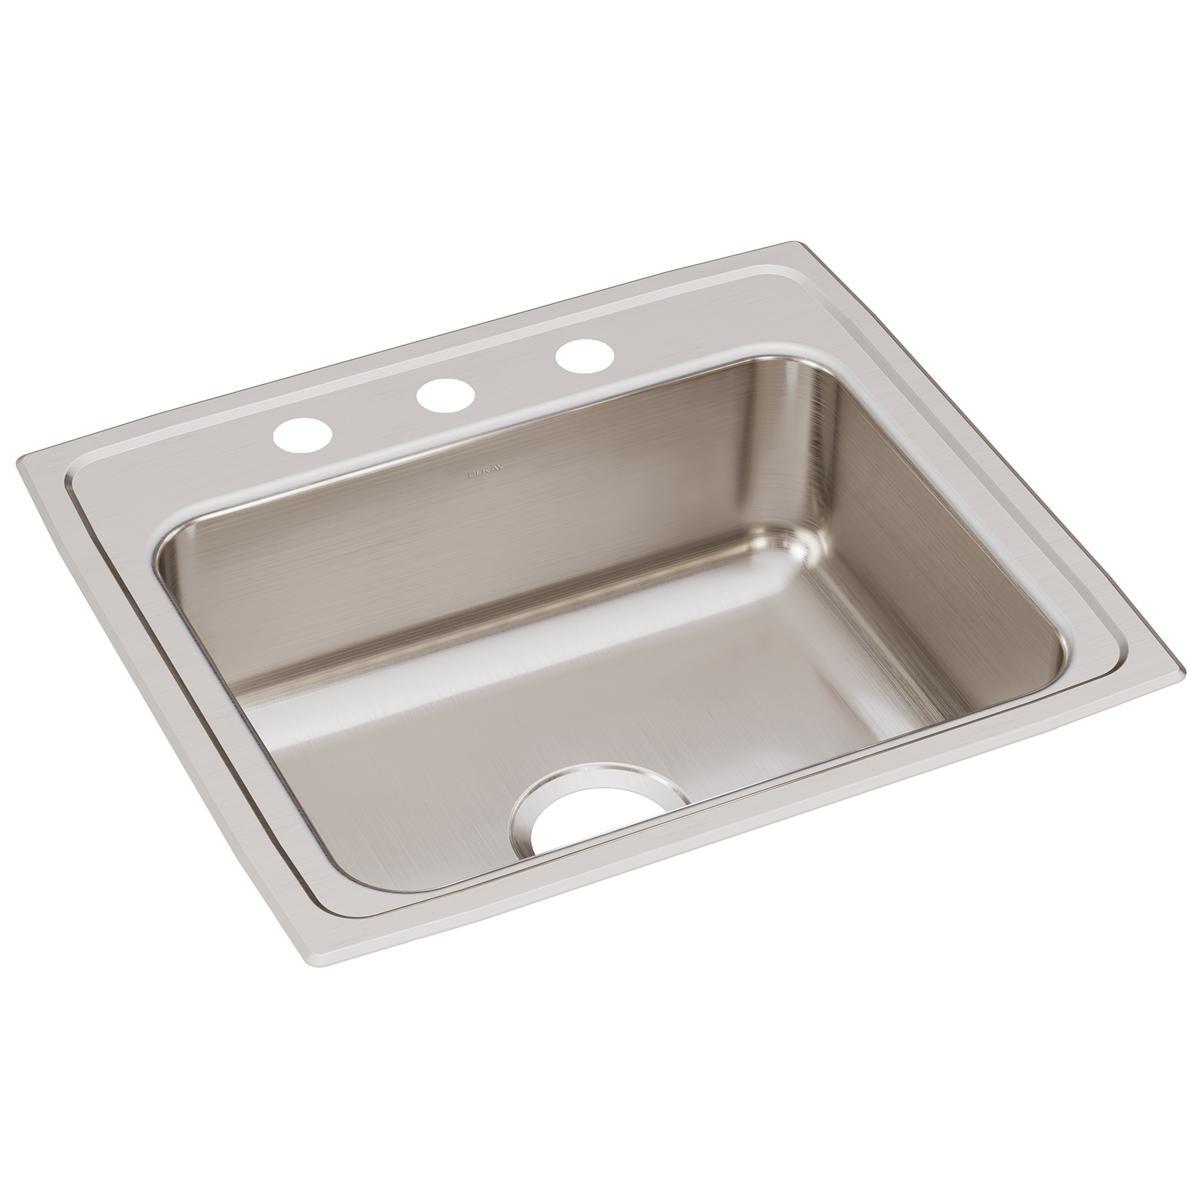 """Elkay Lustertone Classic Stainless Steel 22"""" X 19-1/2"""" X 7-5/8"""", Single Bowl Drop-in Sink"""